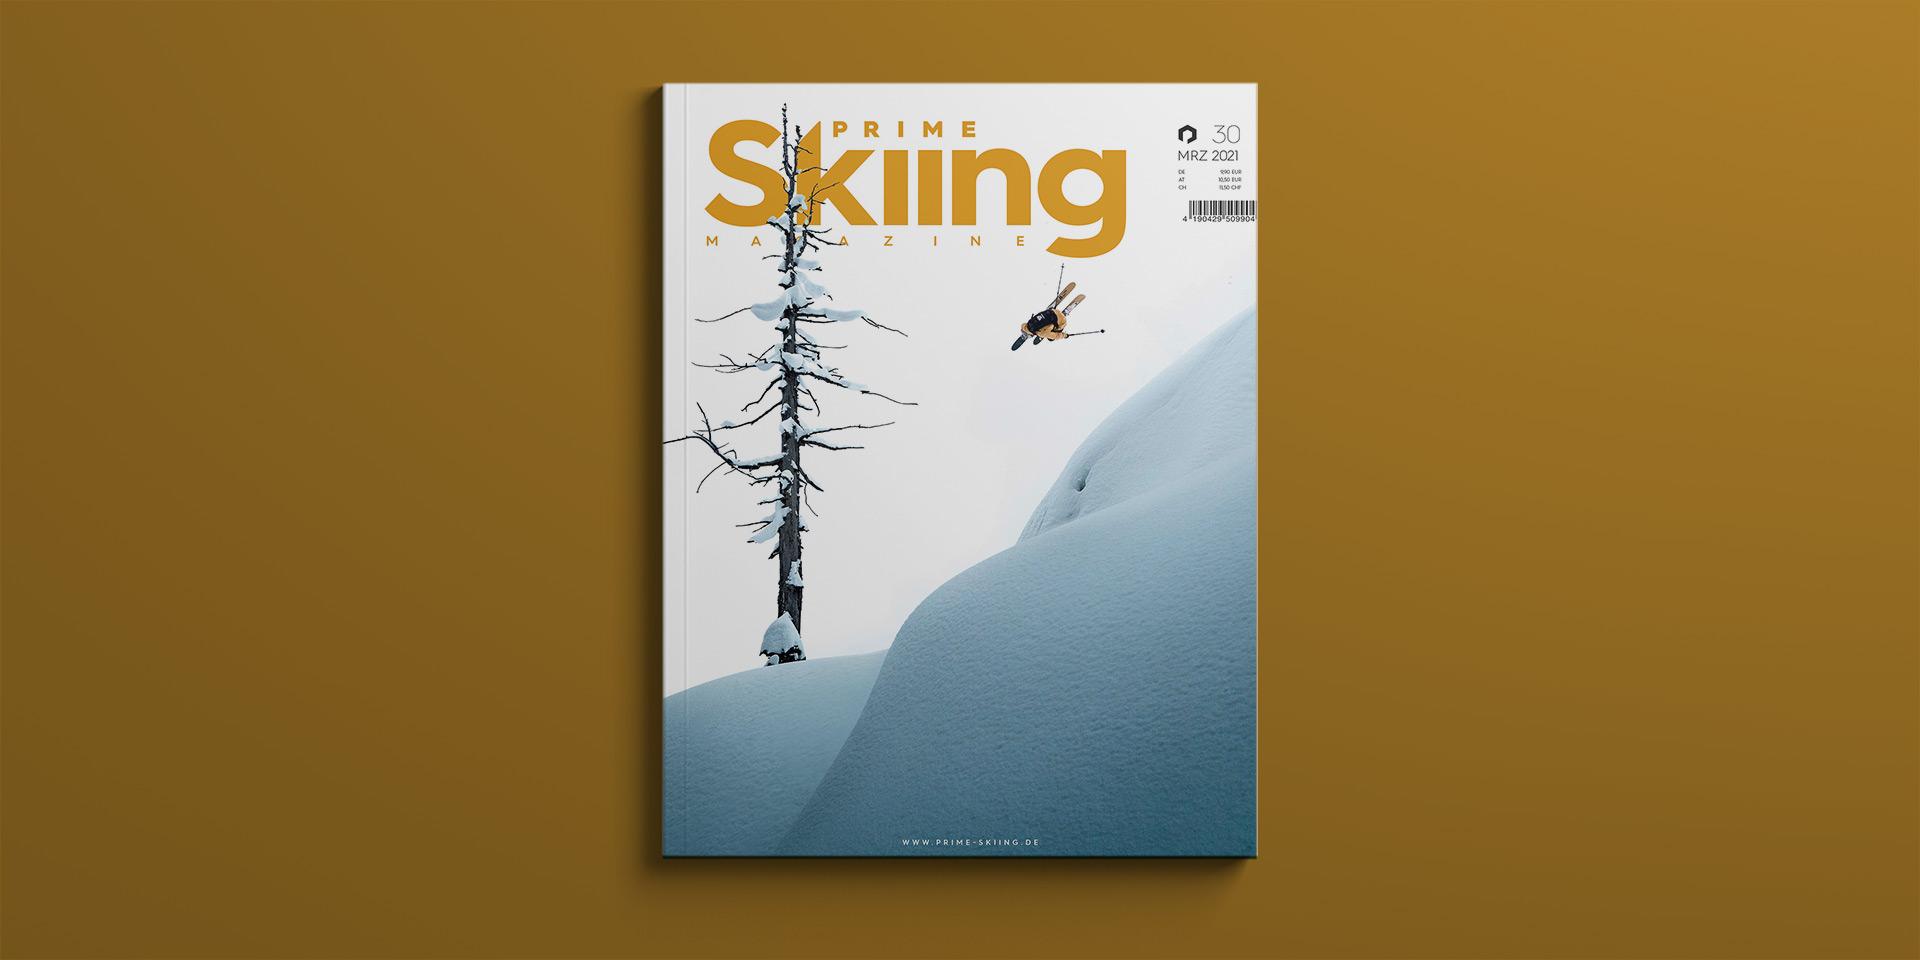 PRIME Skiing #30 – Ab sofort verfügbar!